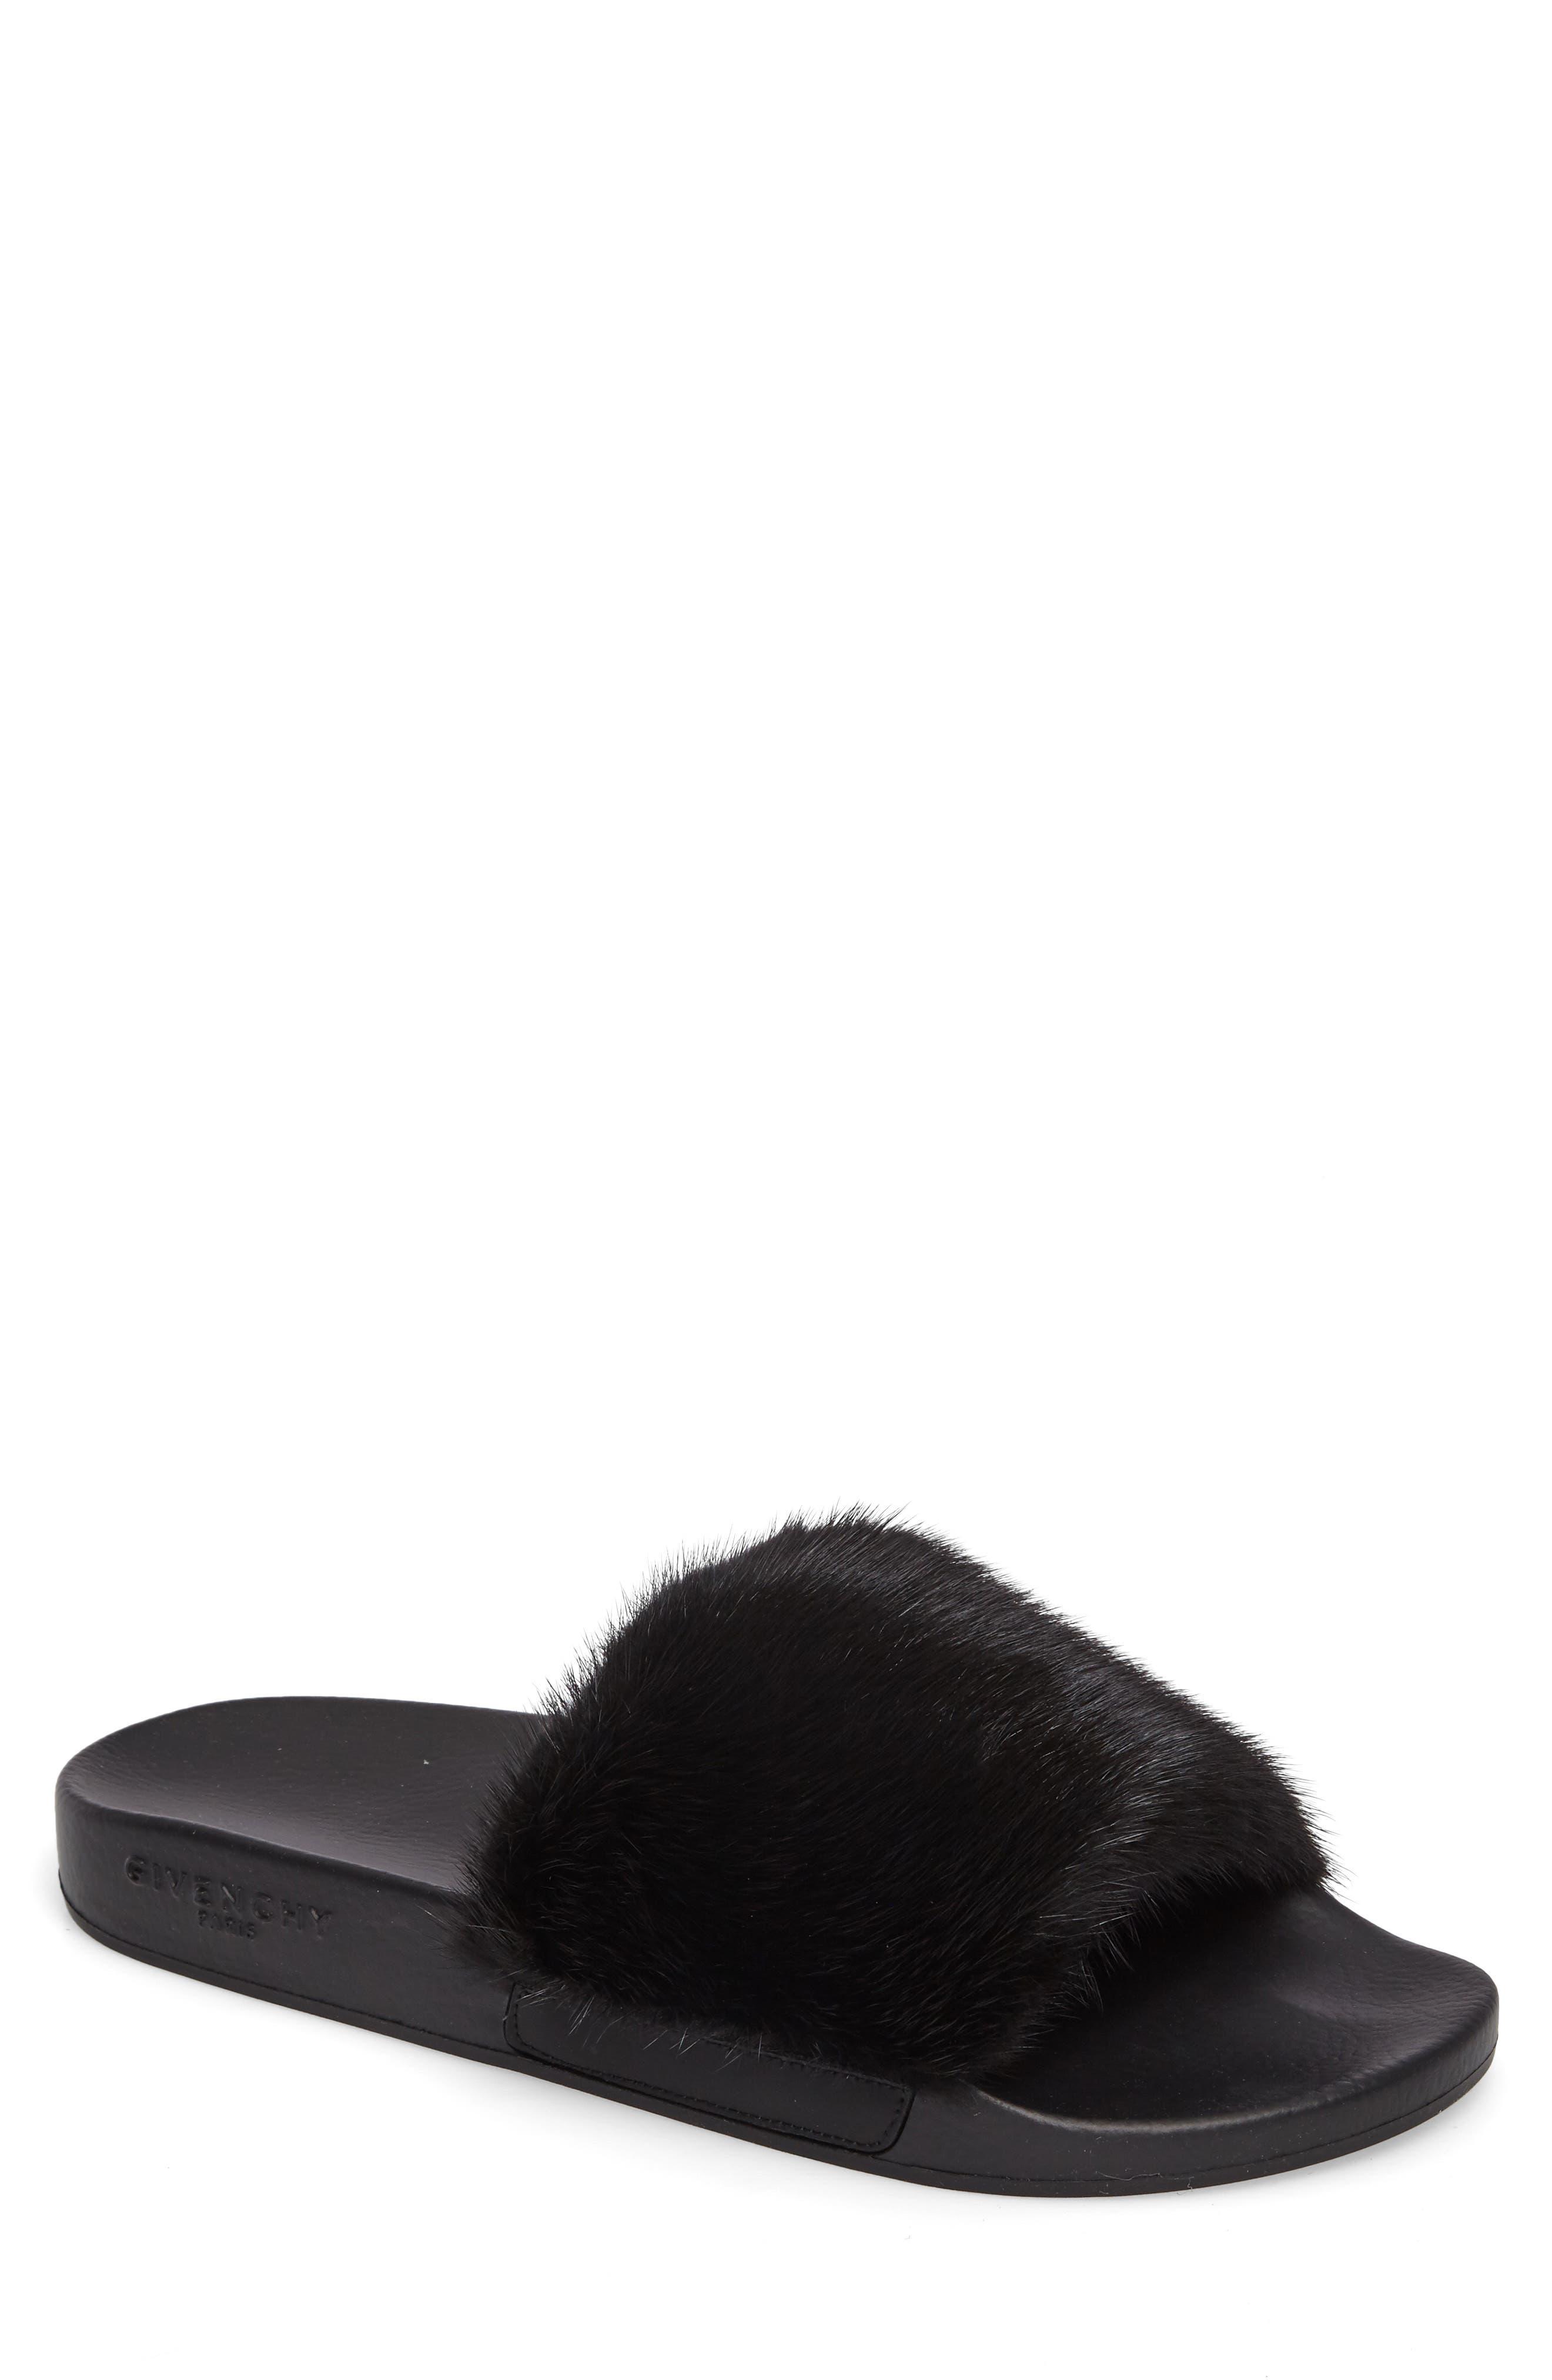 Genuine Mink Fur Slide Sandal,                         Main,                         color, 001